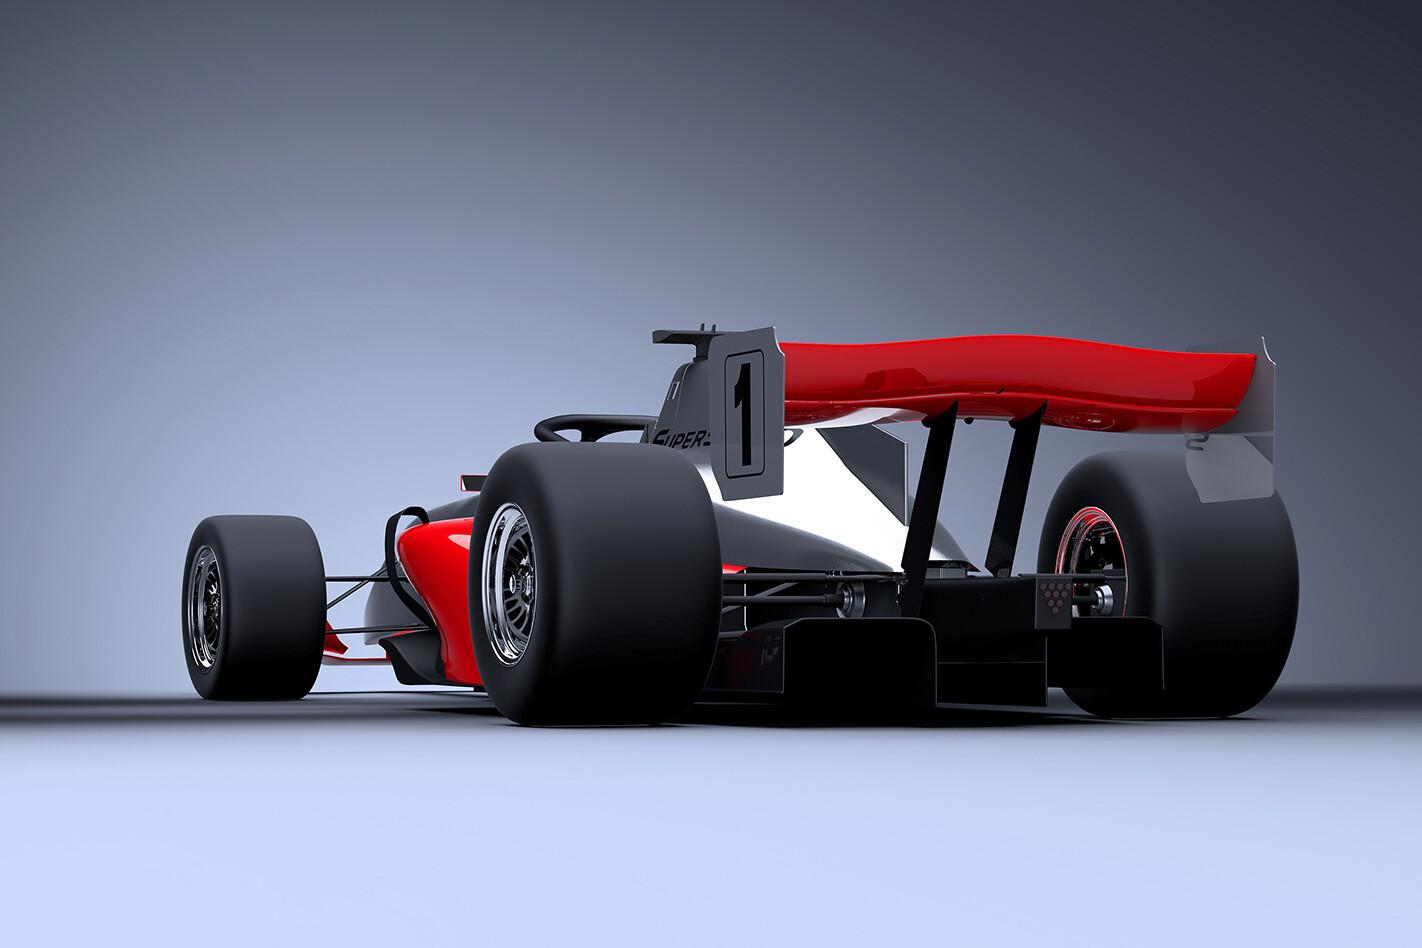 Super 5000 rear